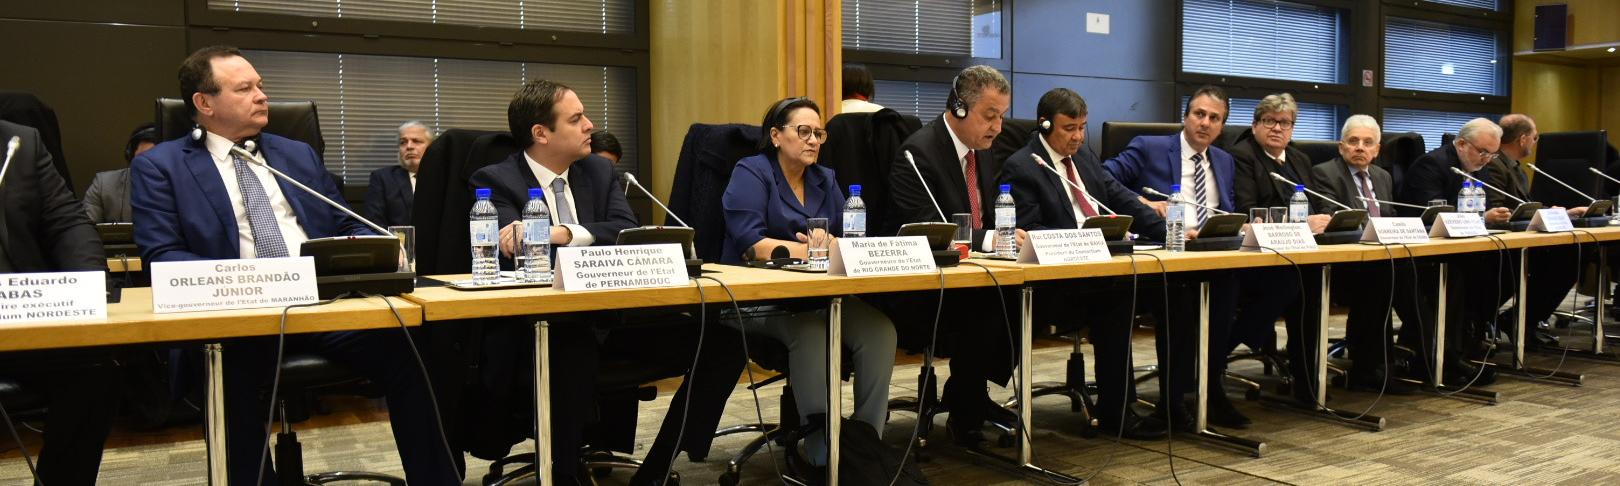 Na França, governadora destaca potencialidades do RN a grupo de 40 empresários